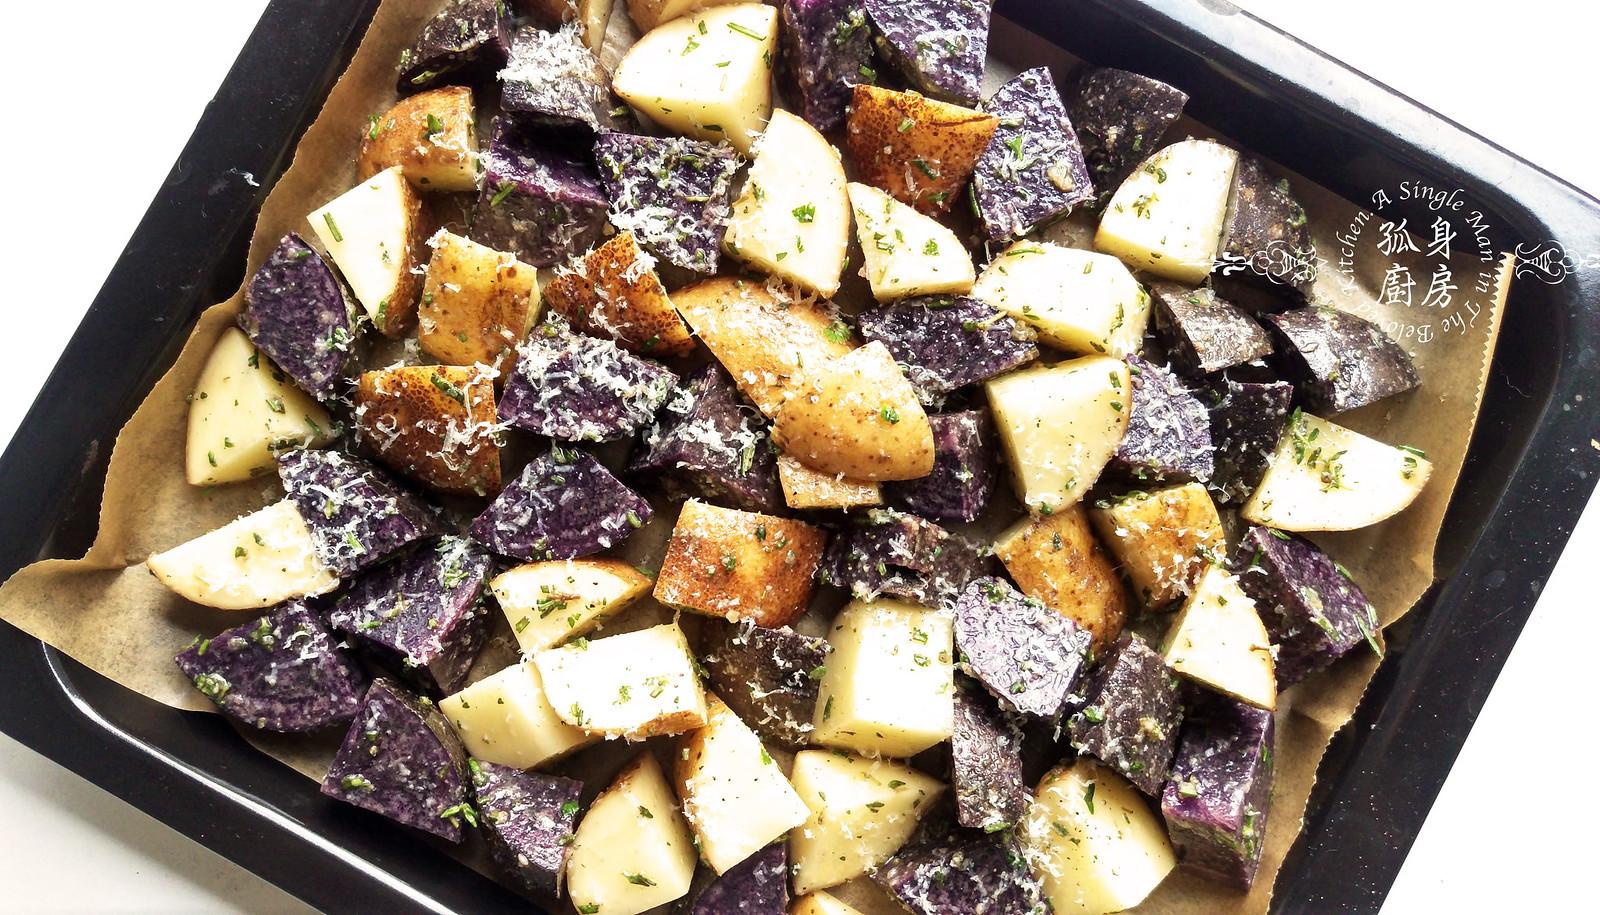 孤身廚房-香草烤雙色馬鈴薯──好吃又簡單的烤箱料理9